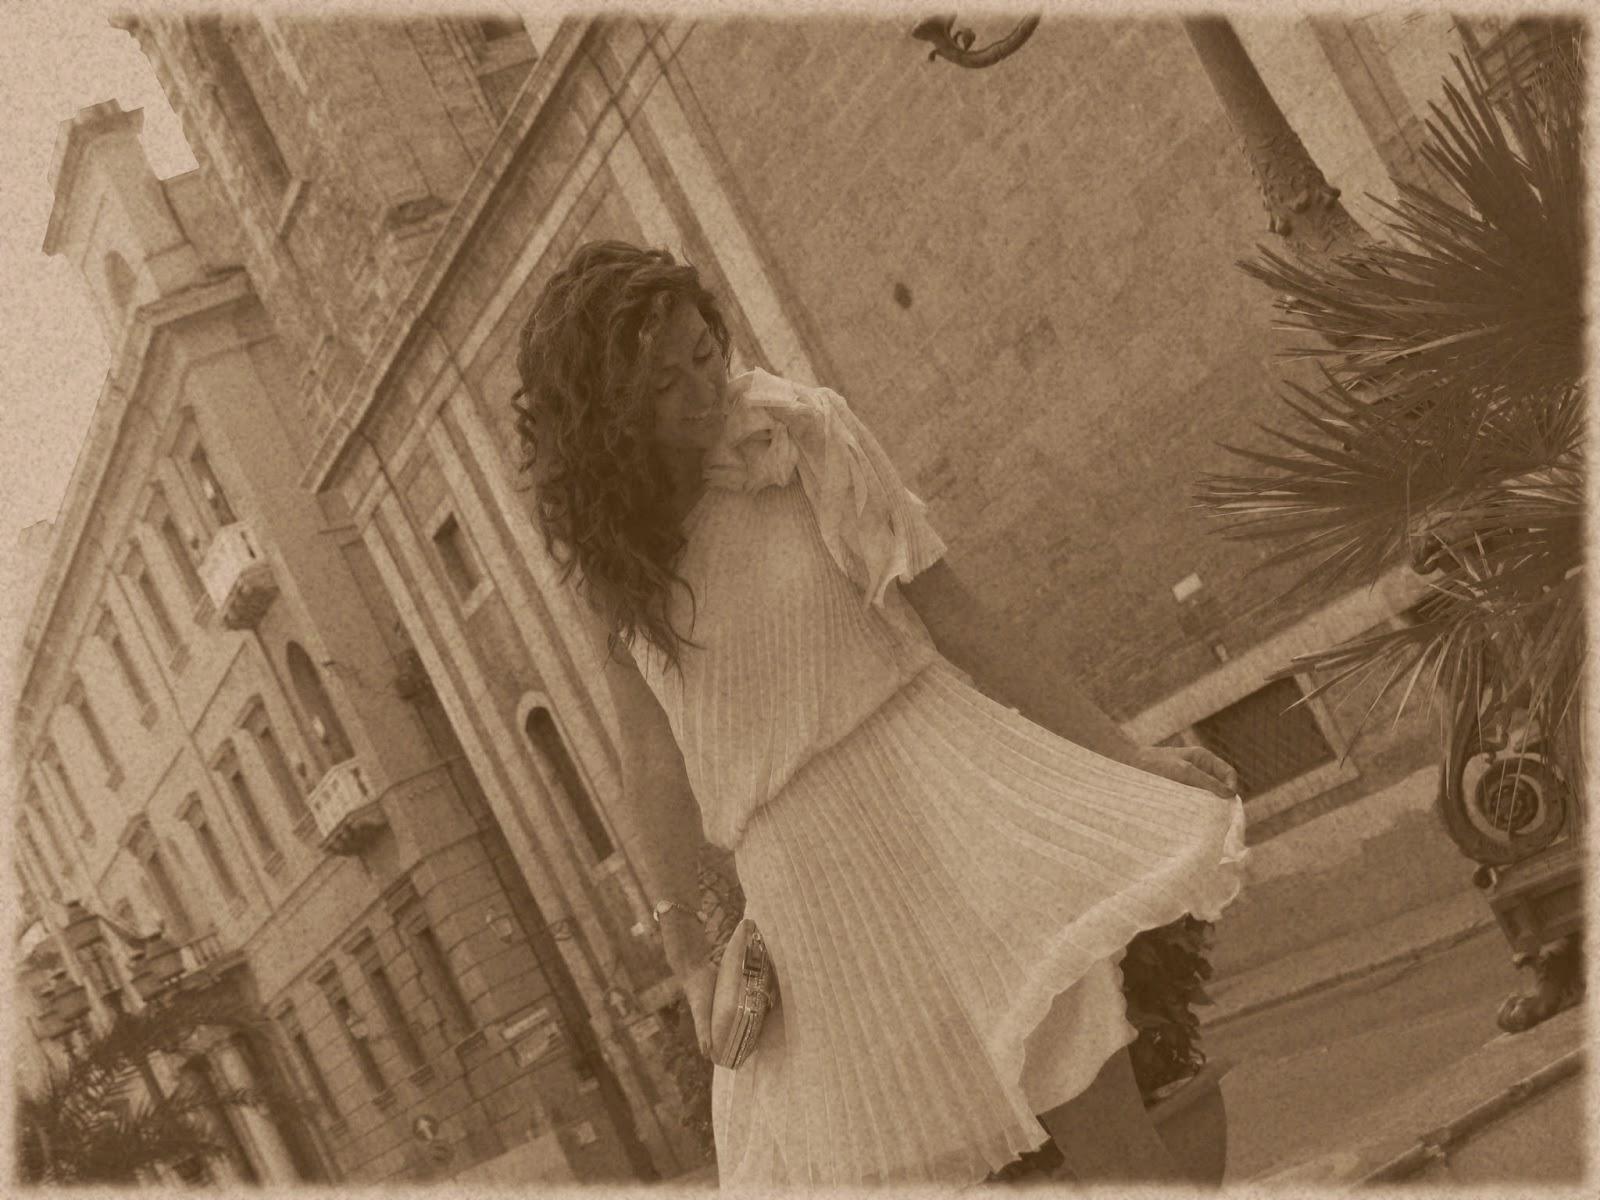 la-sciarpa-viola-marilyn-monroe-vintage-sicily